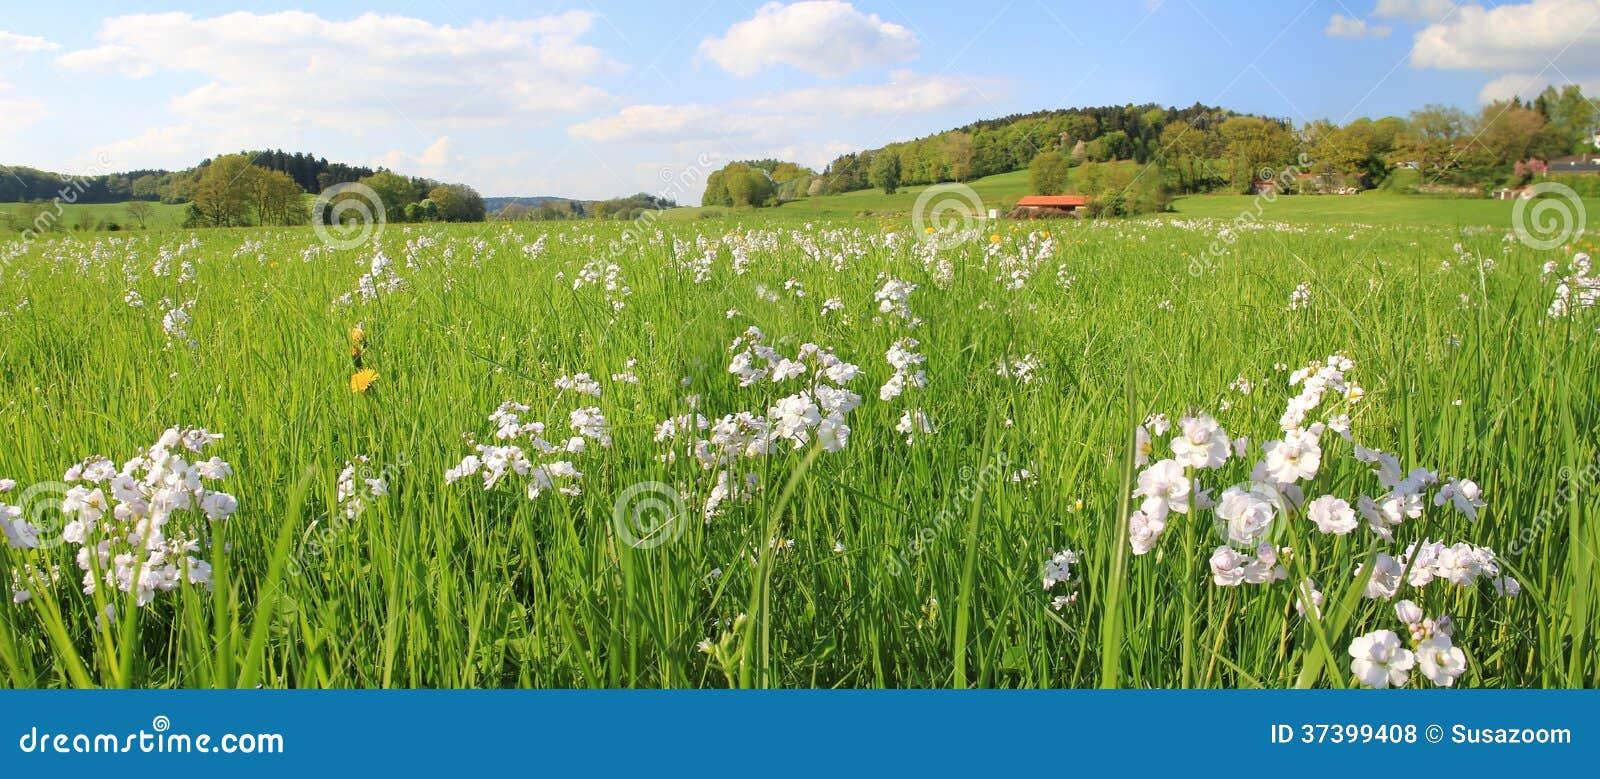 Terra pitoresca do pântano com wildflowers e o céu nebuloso, lan alemão